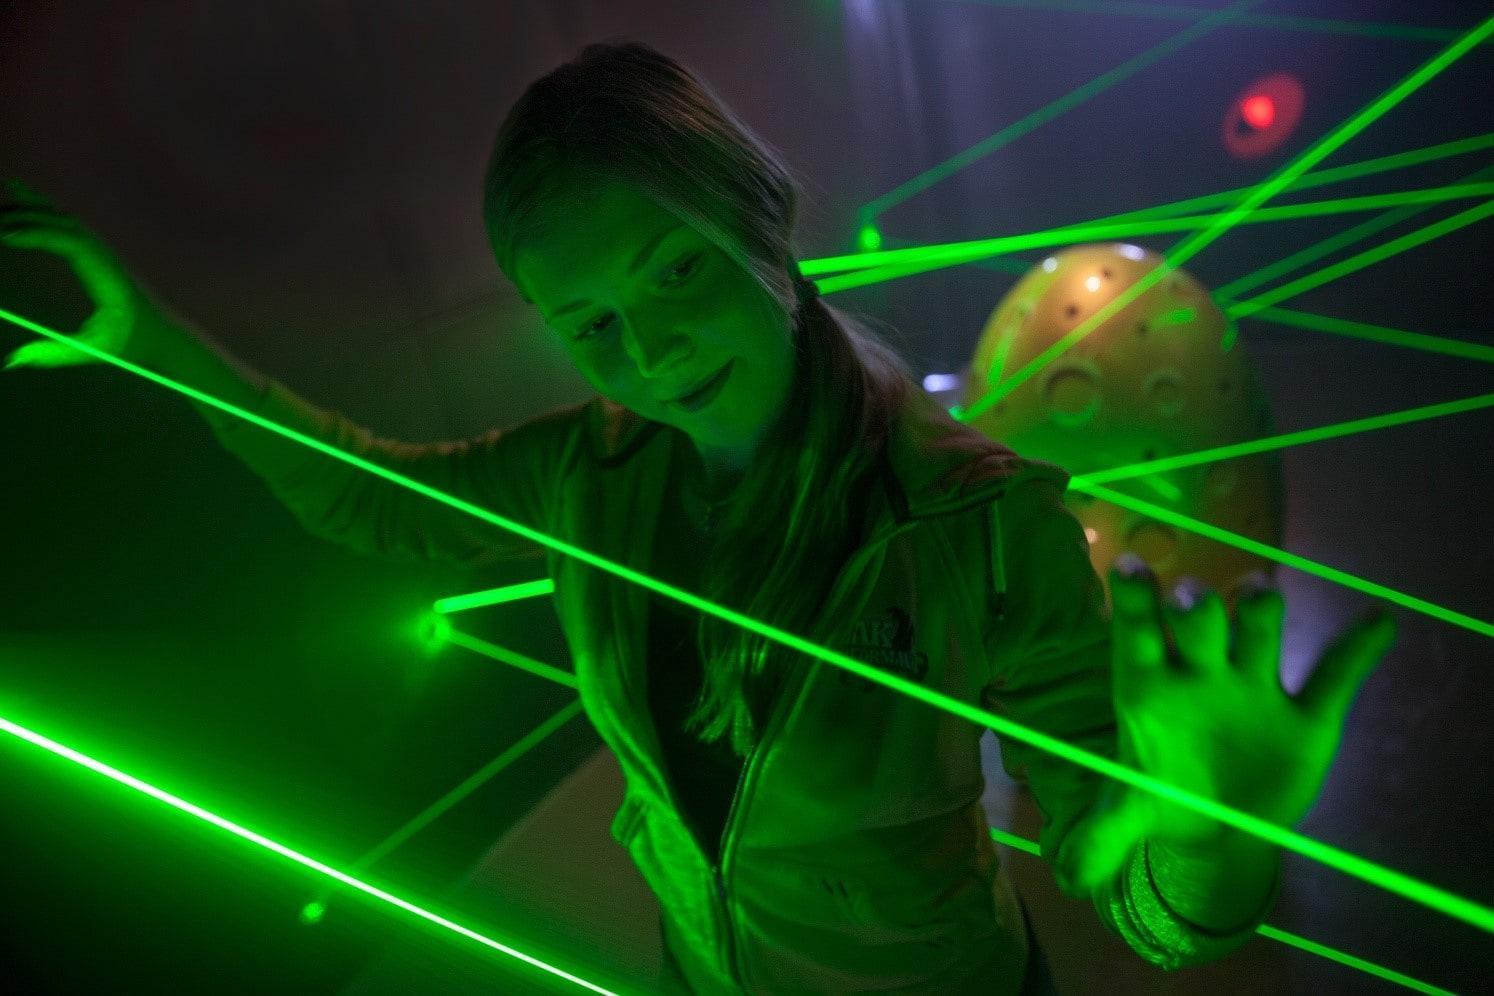 Лазерная указка прожгла отверстие в сетчатке ребенка